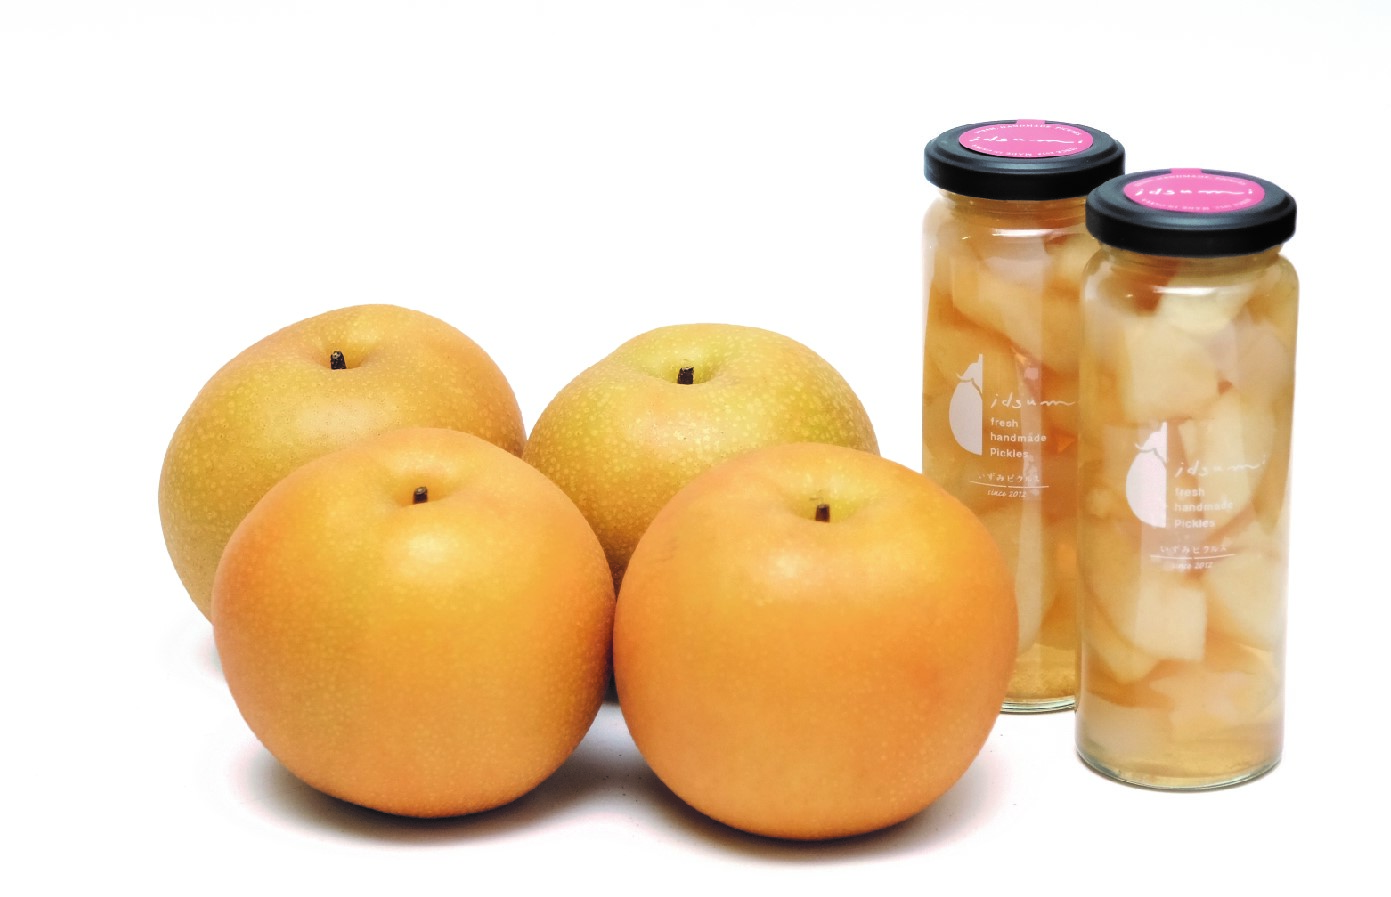 099H509 梨と梨のコンポートセット(梨4個、梨のコンポート2個)